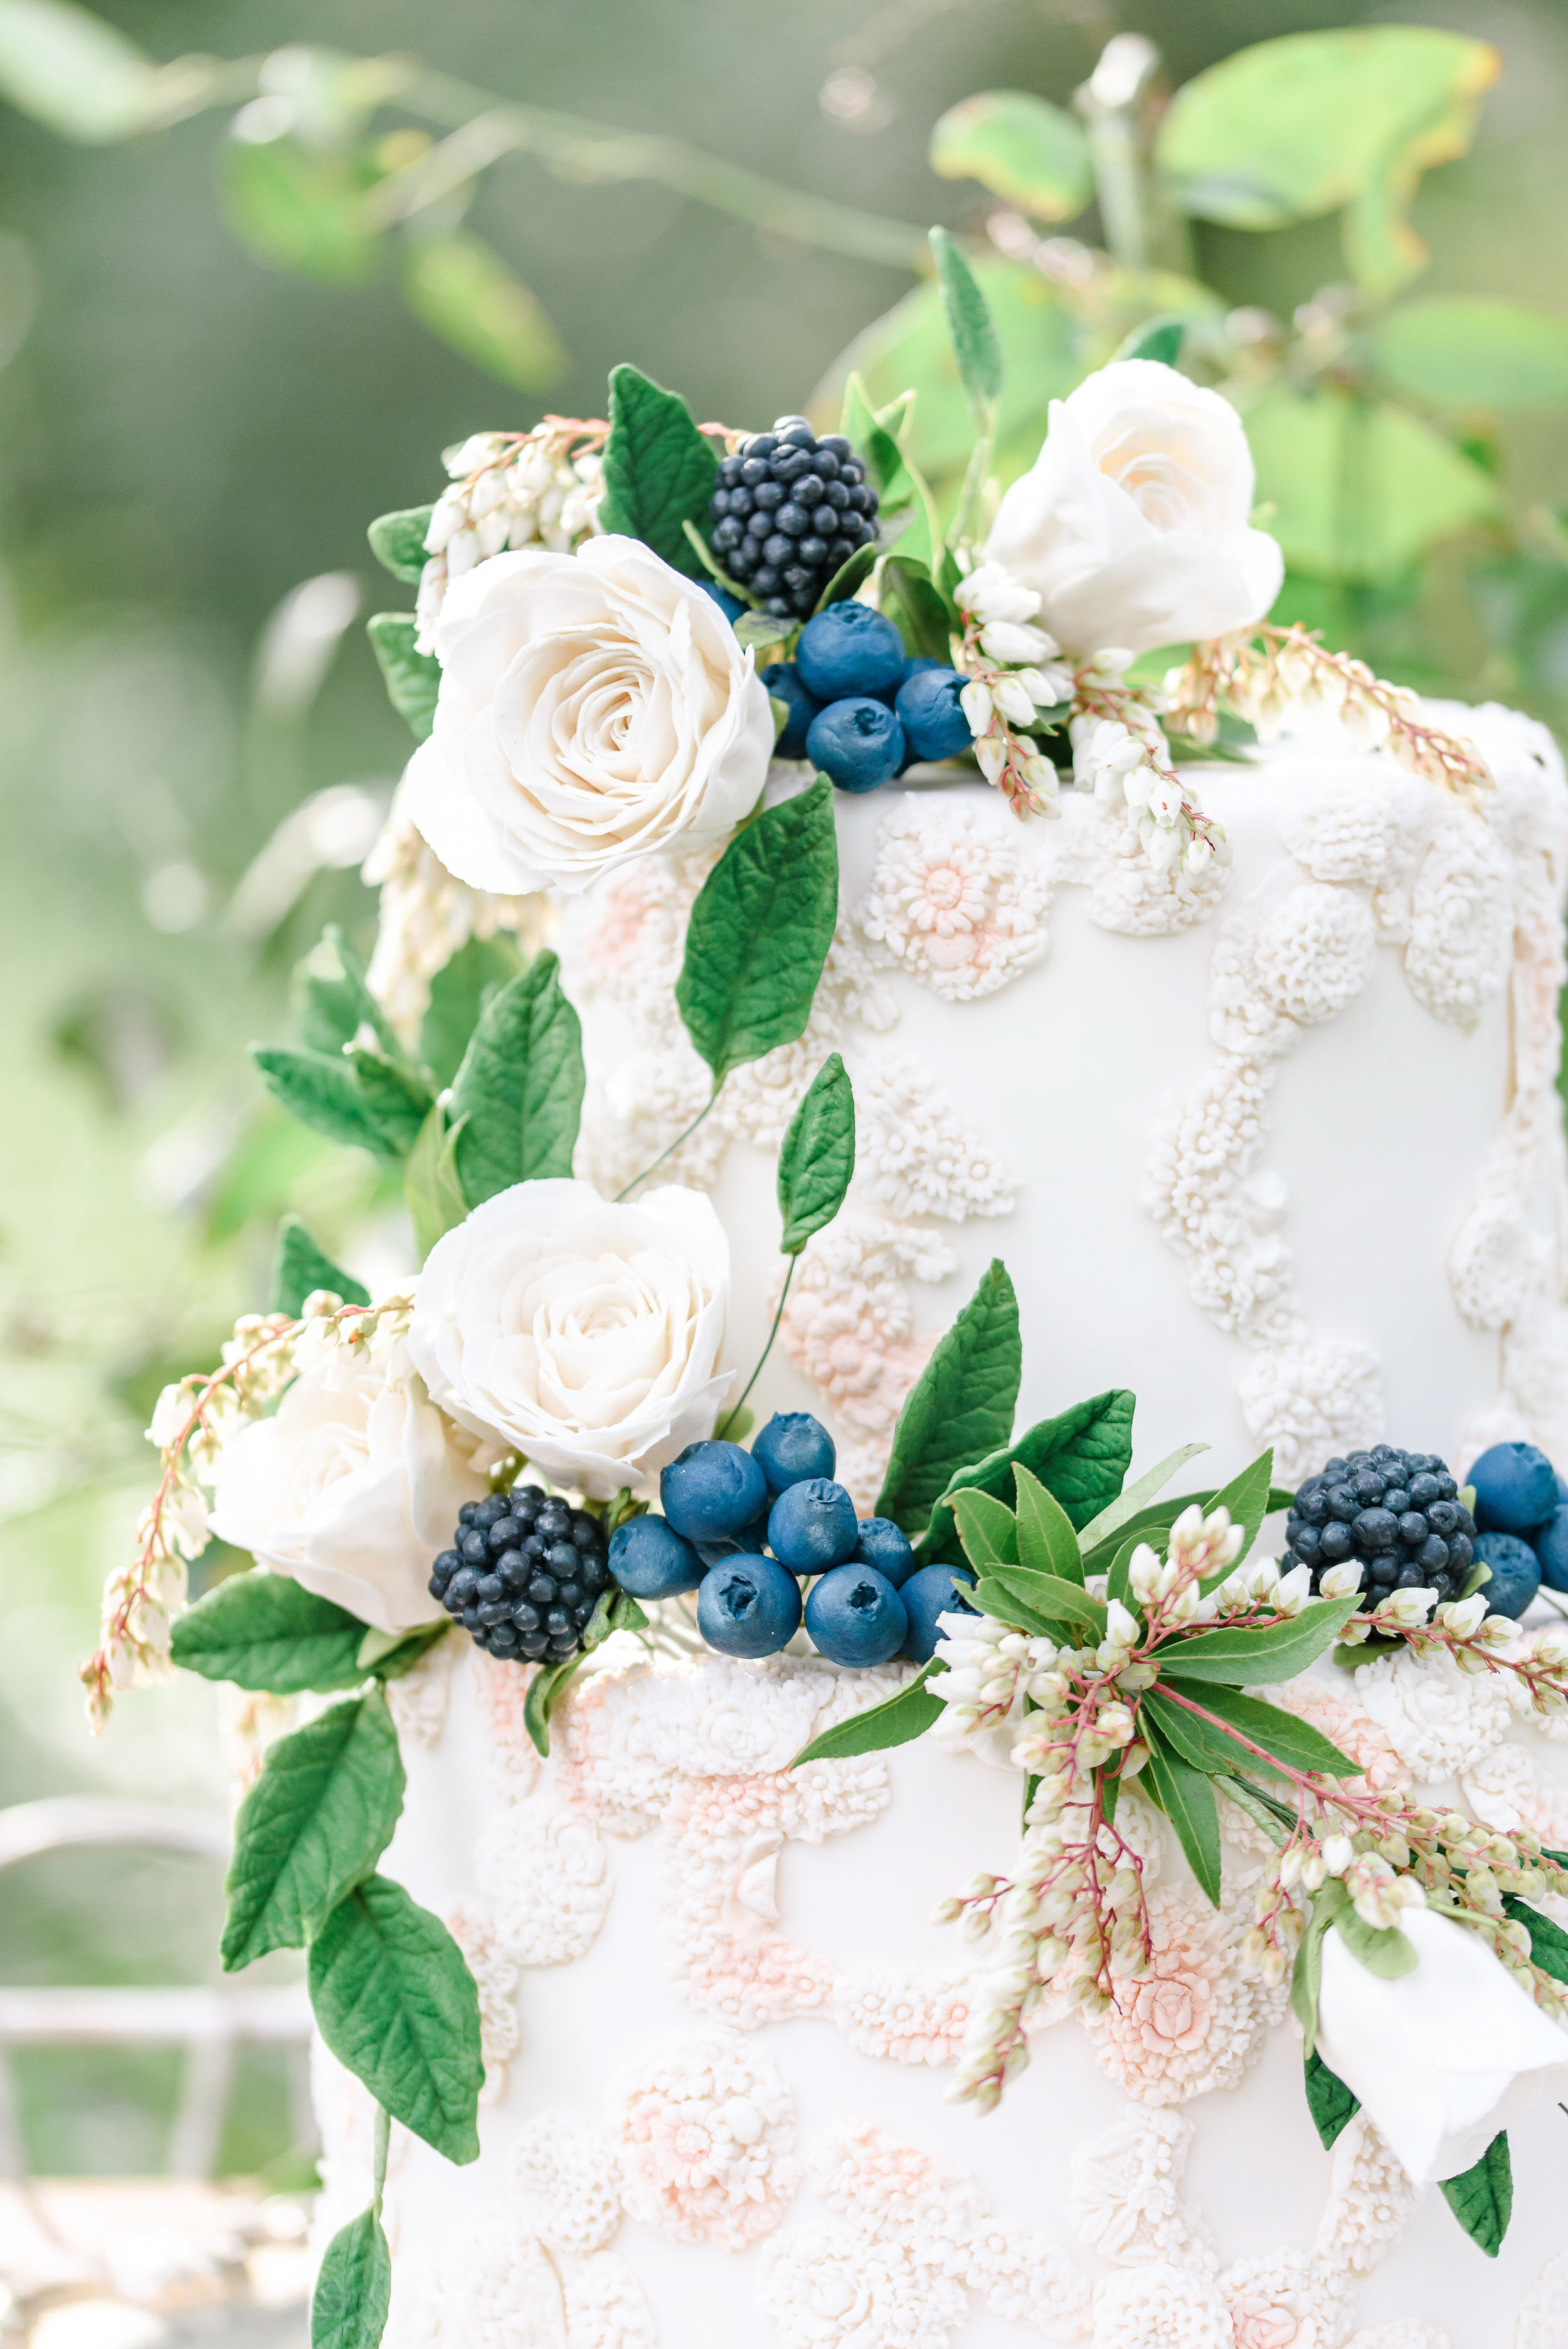 Fresh Flower Wedding Cake | Fresh Fruit Wedding Cake | Pops of Blue